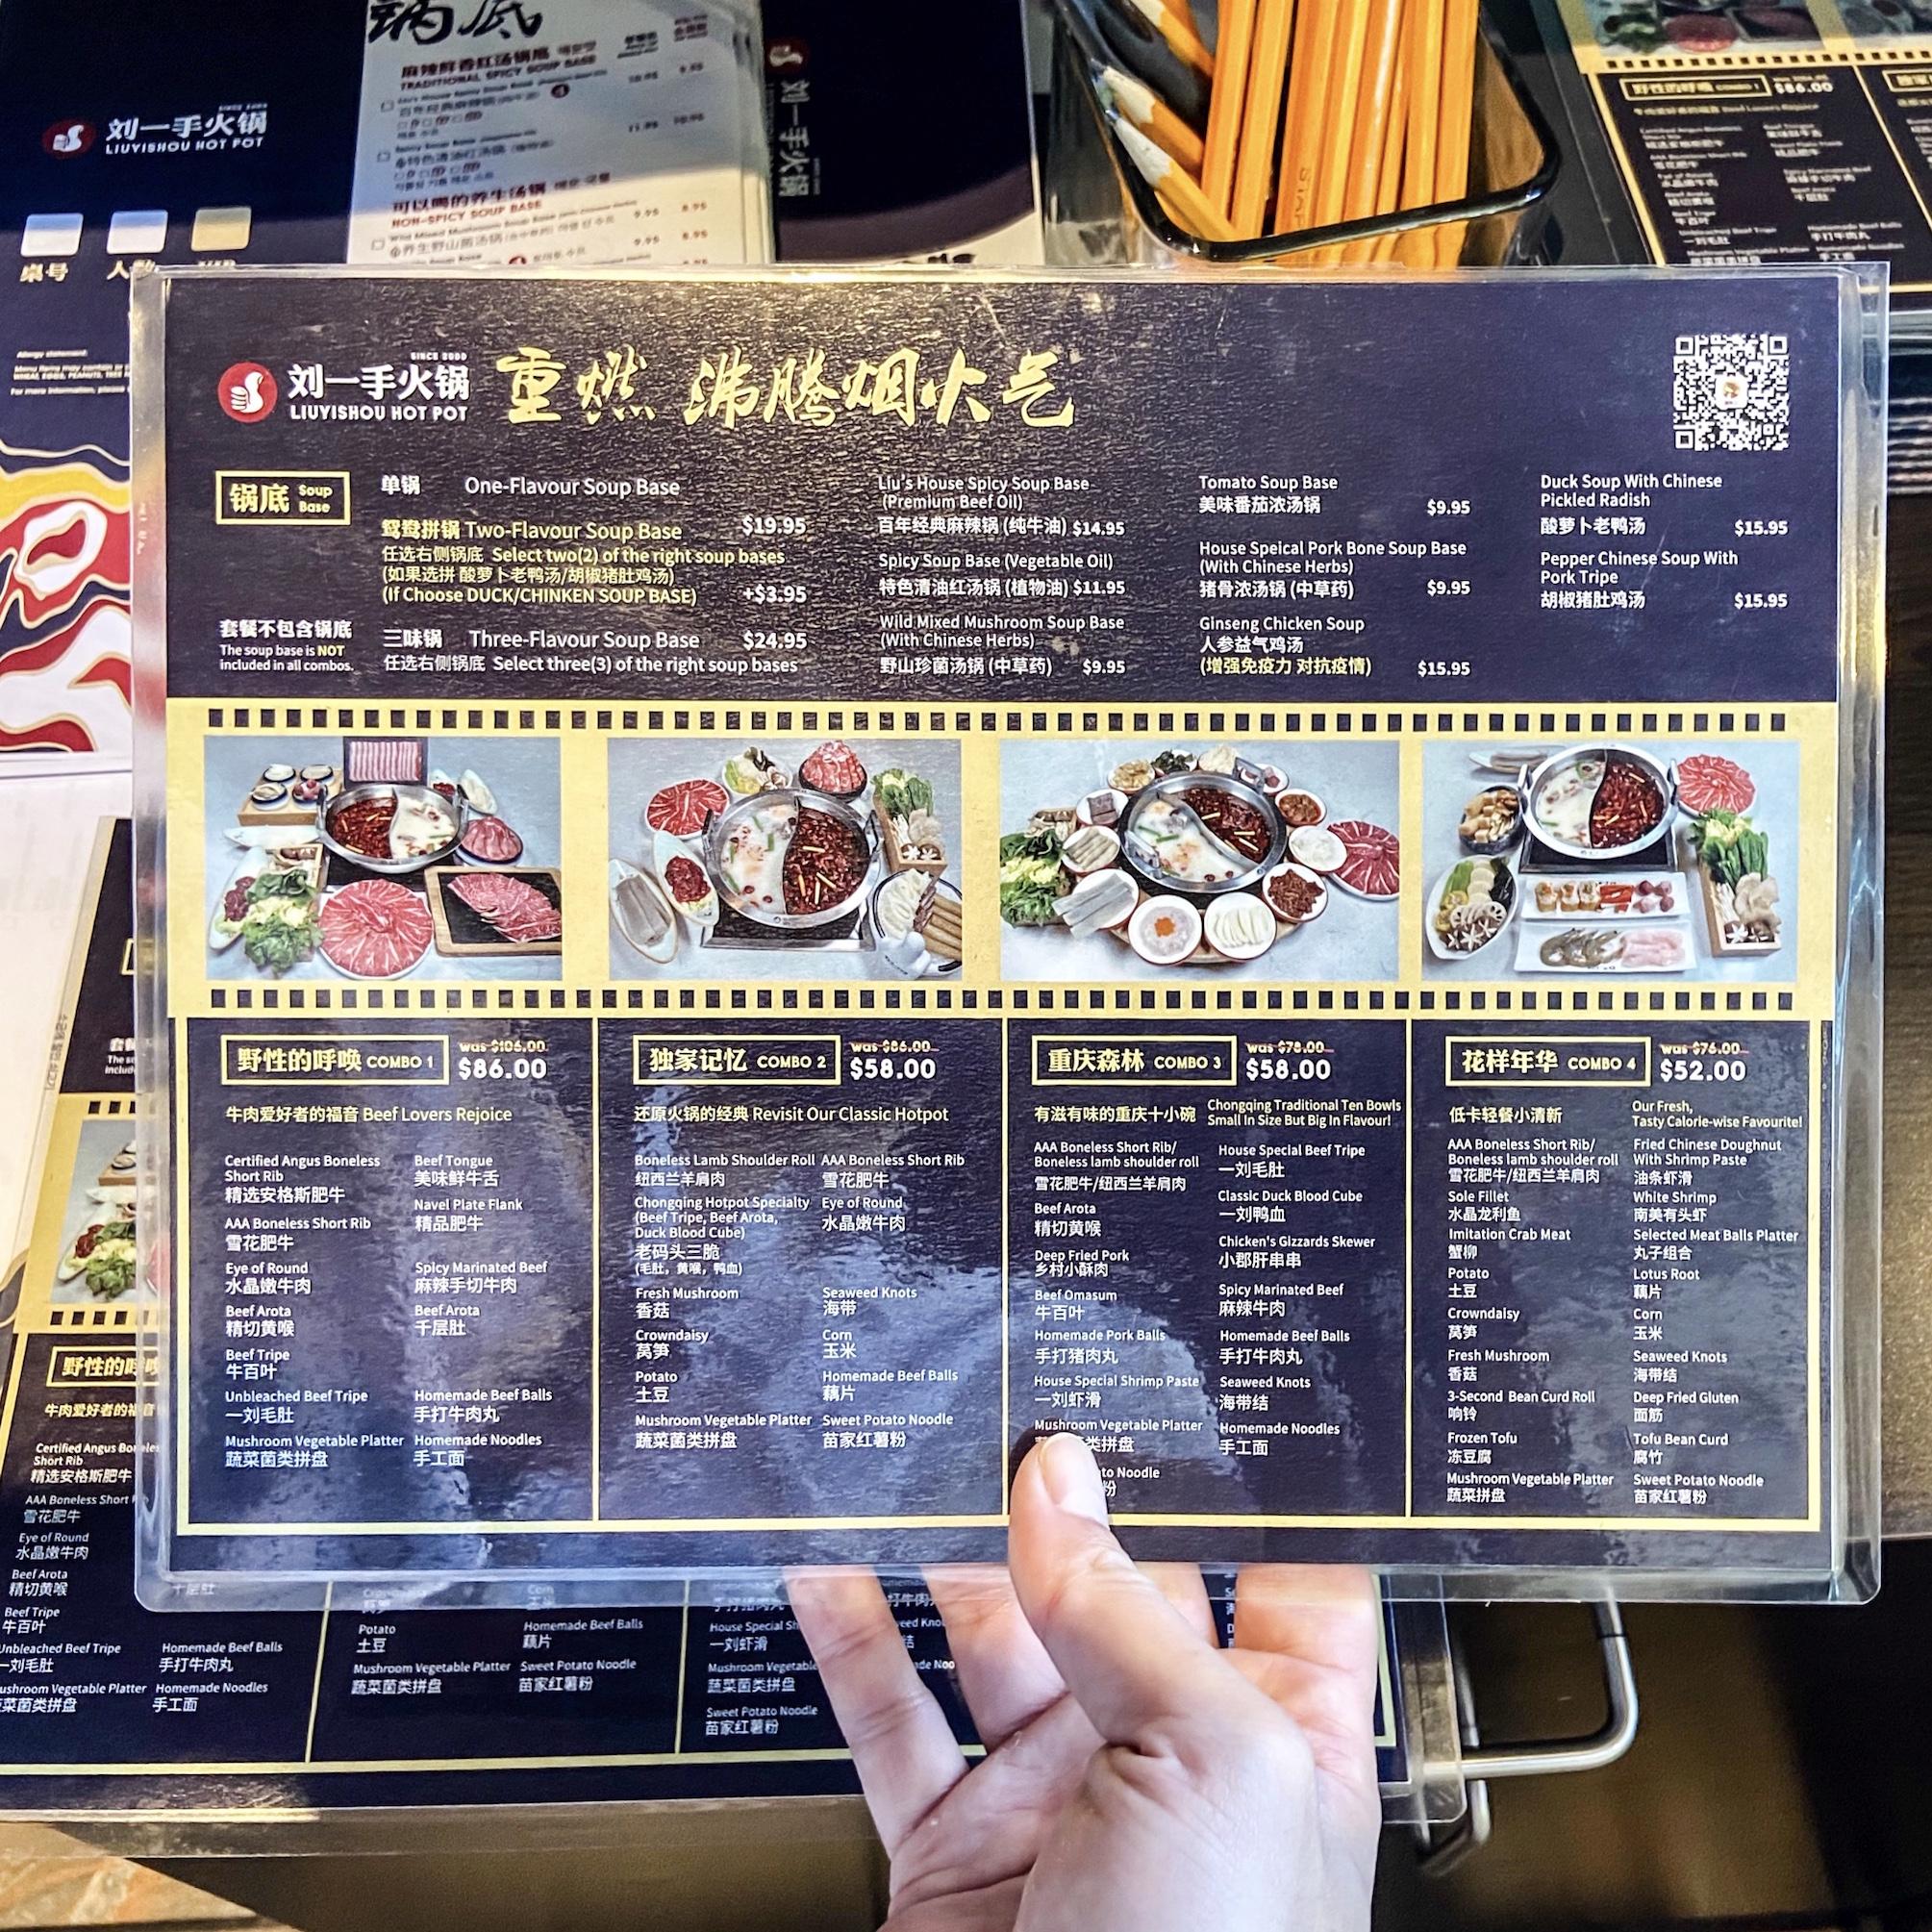 Chinese hotpot sets @ Liuyishou Hotpot